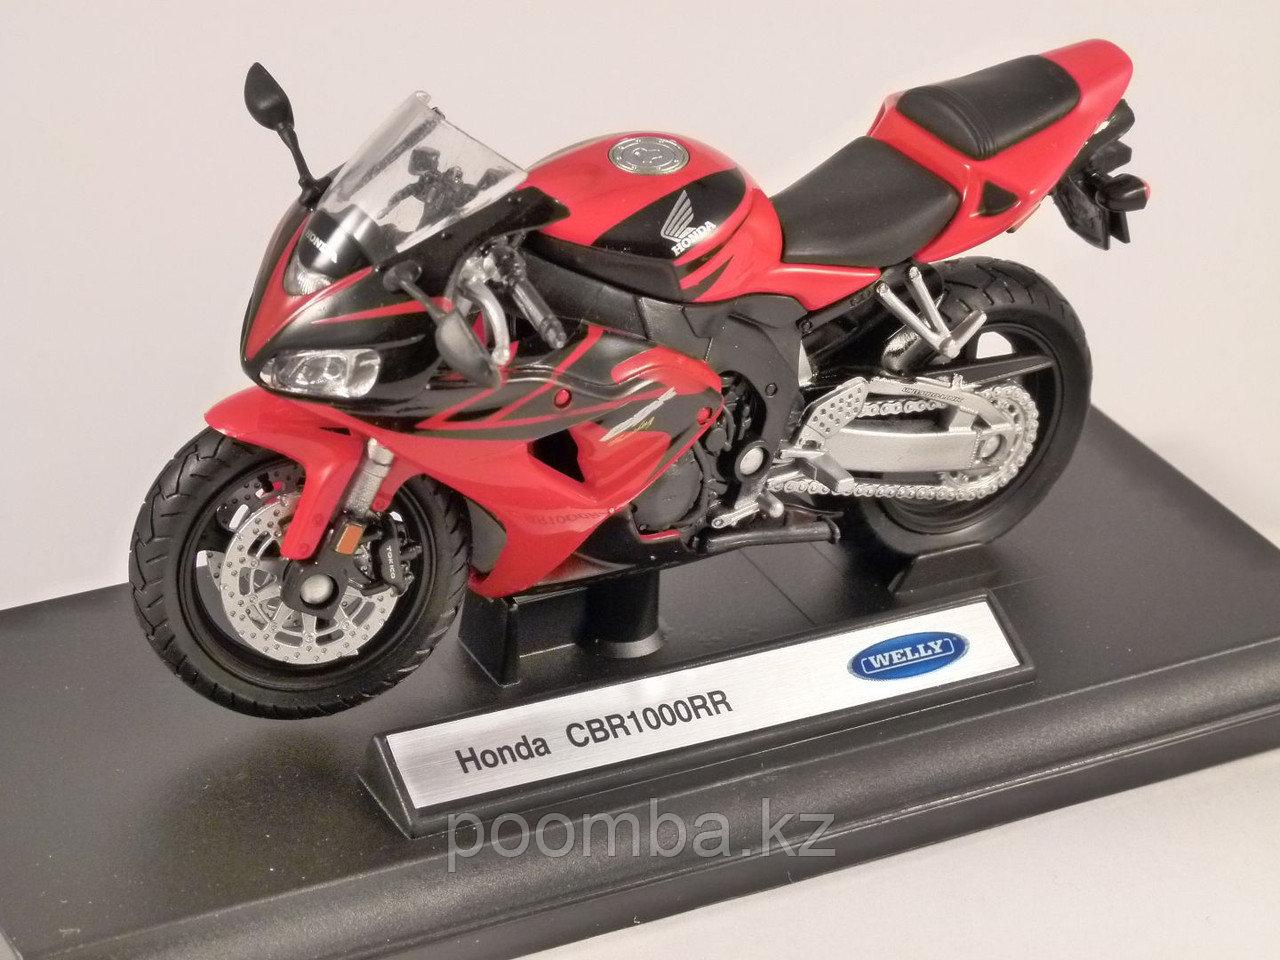 Модель мотоцикла Honda CBR1000RR, 1:18 - фото 2